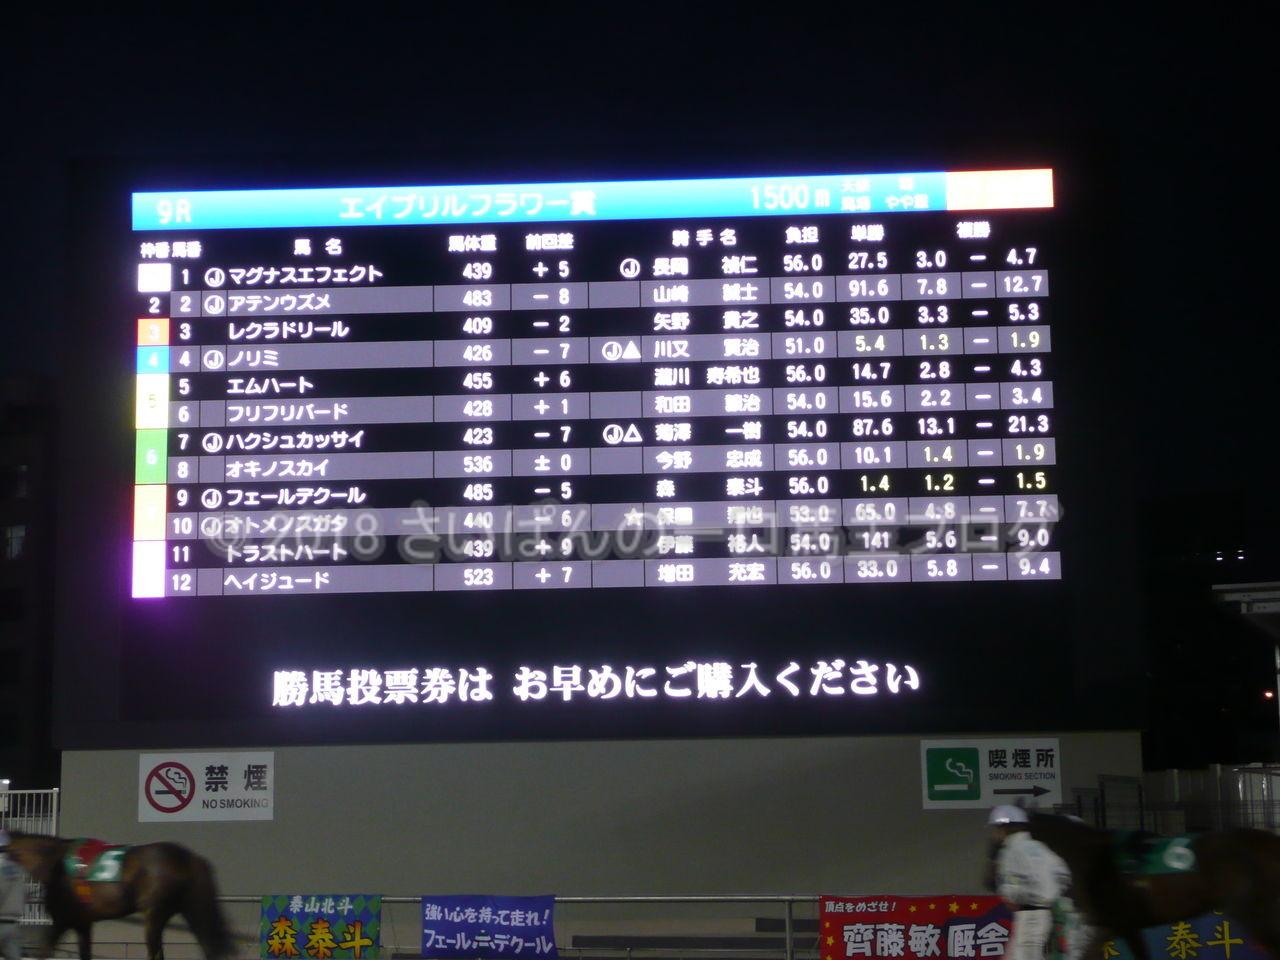 [フェールデクール] 3歳4月 4戦目 川崎のエイプリルフラワー賞 走りました編 2